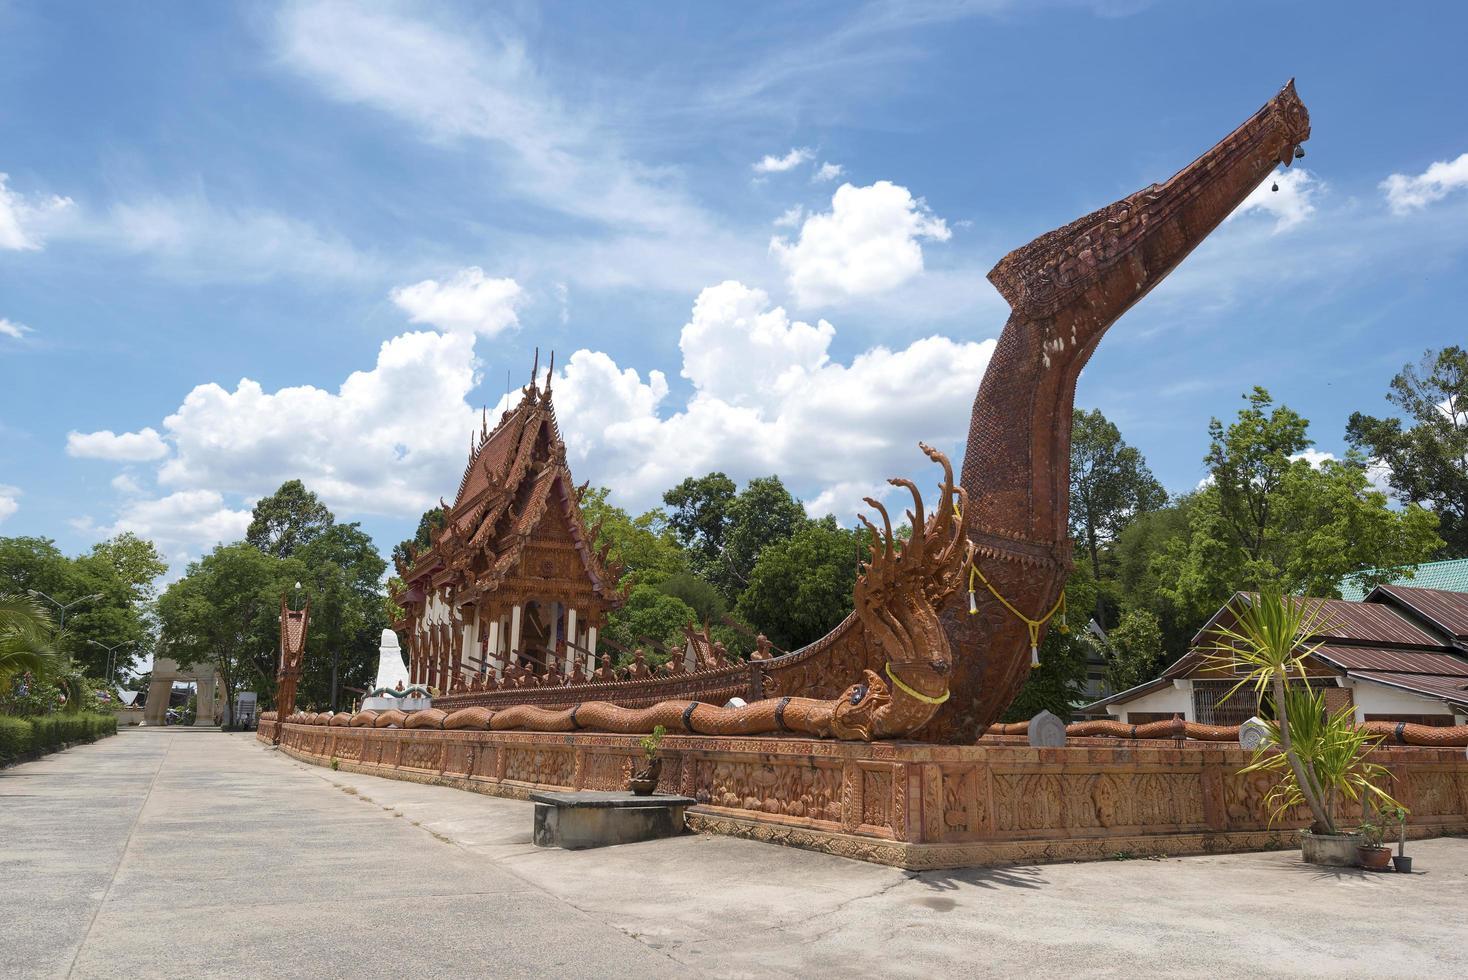 Wat Ban Na Muang Buddhist temple in Ubon Ratchathani, Thailand photo